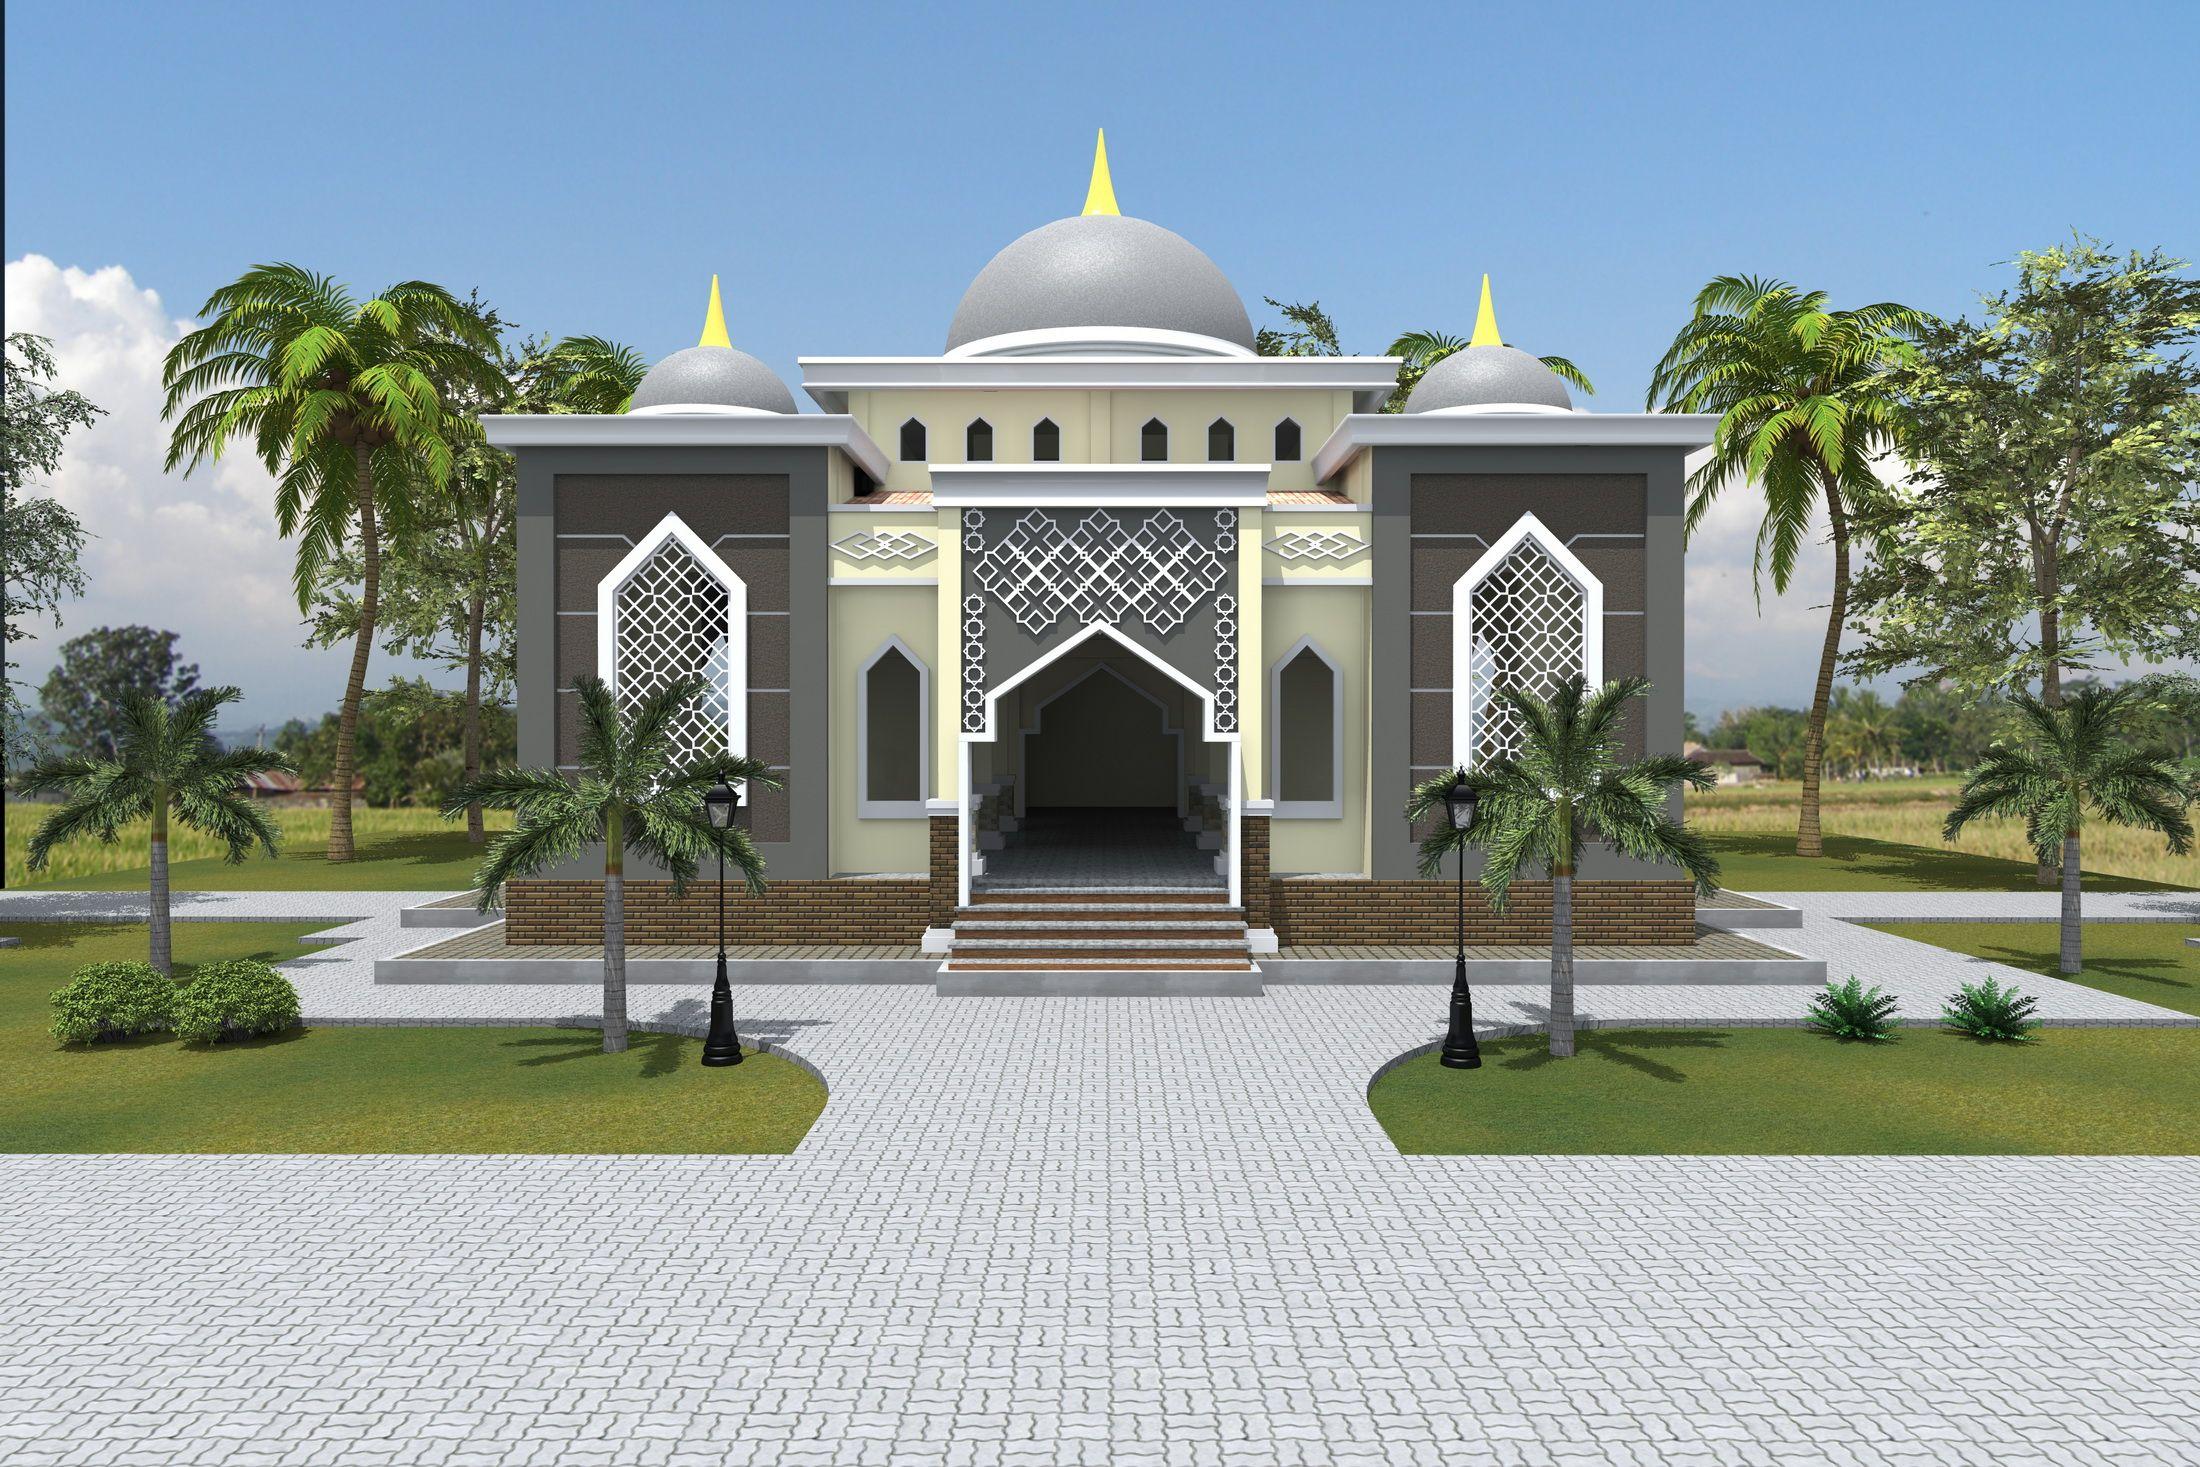 Hasil gambar untuk model masjid 2 lantai minimalis muara